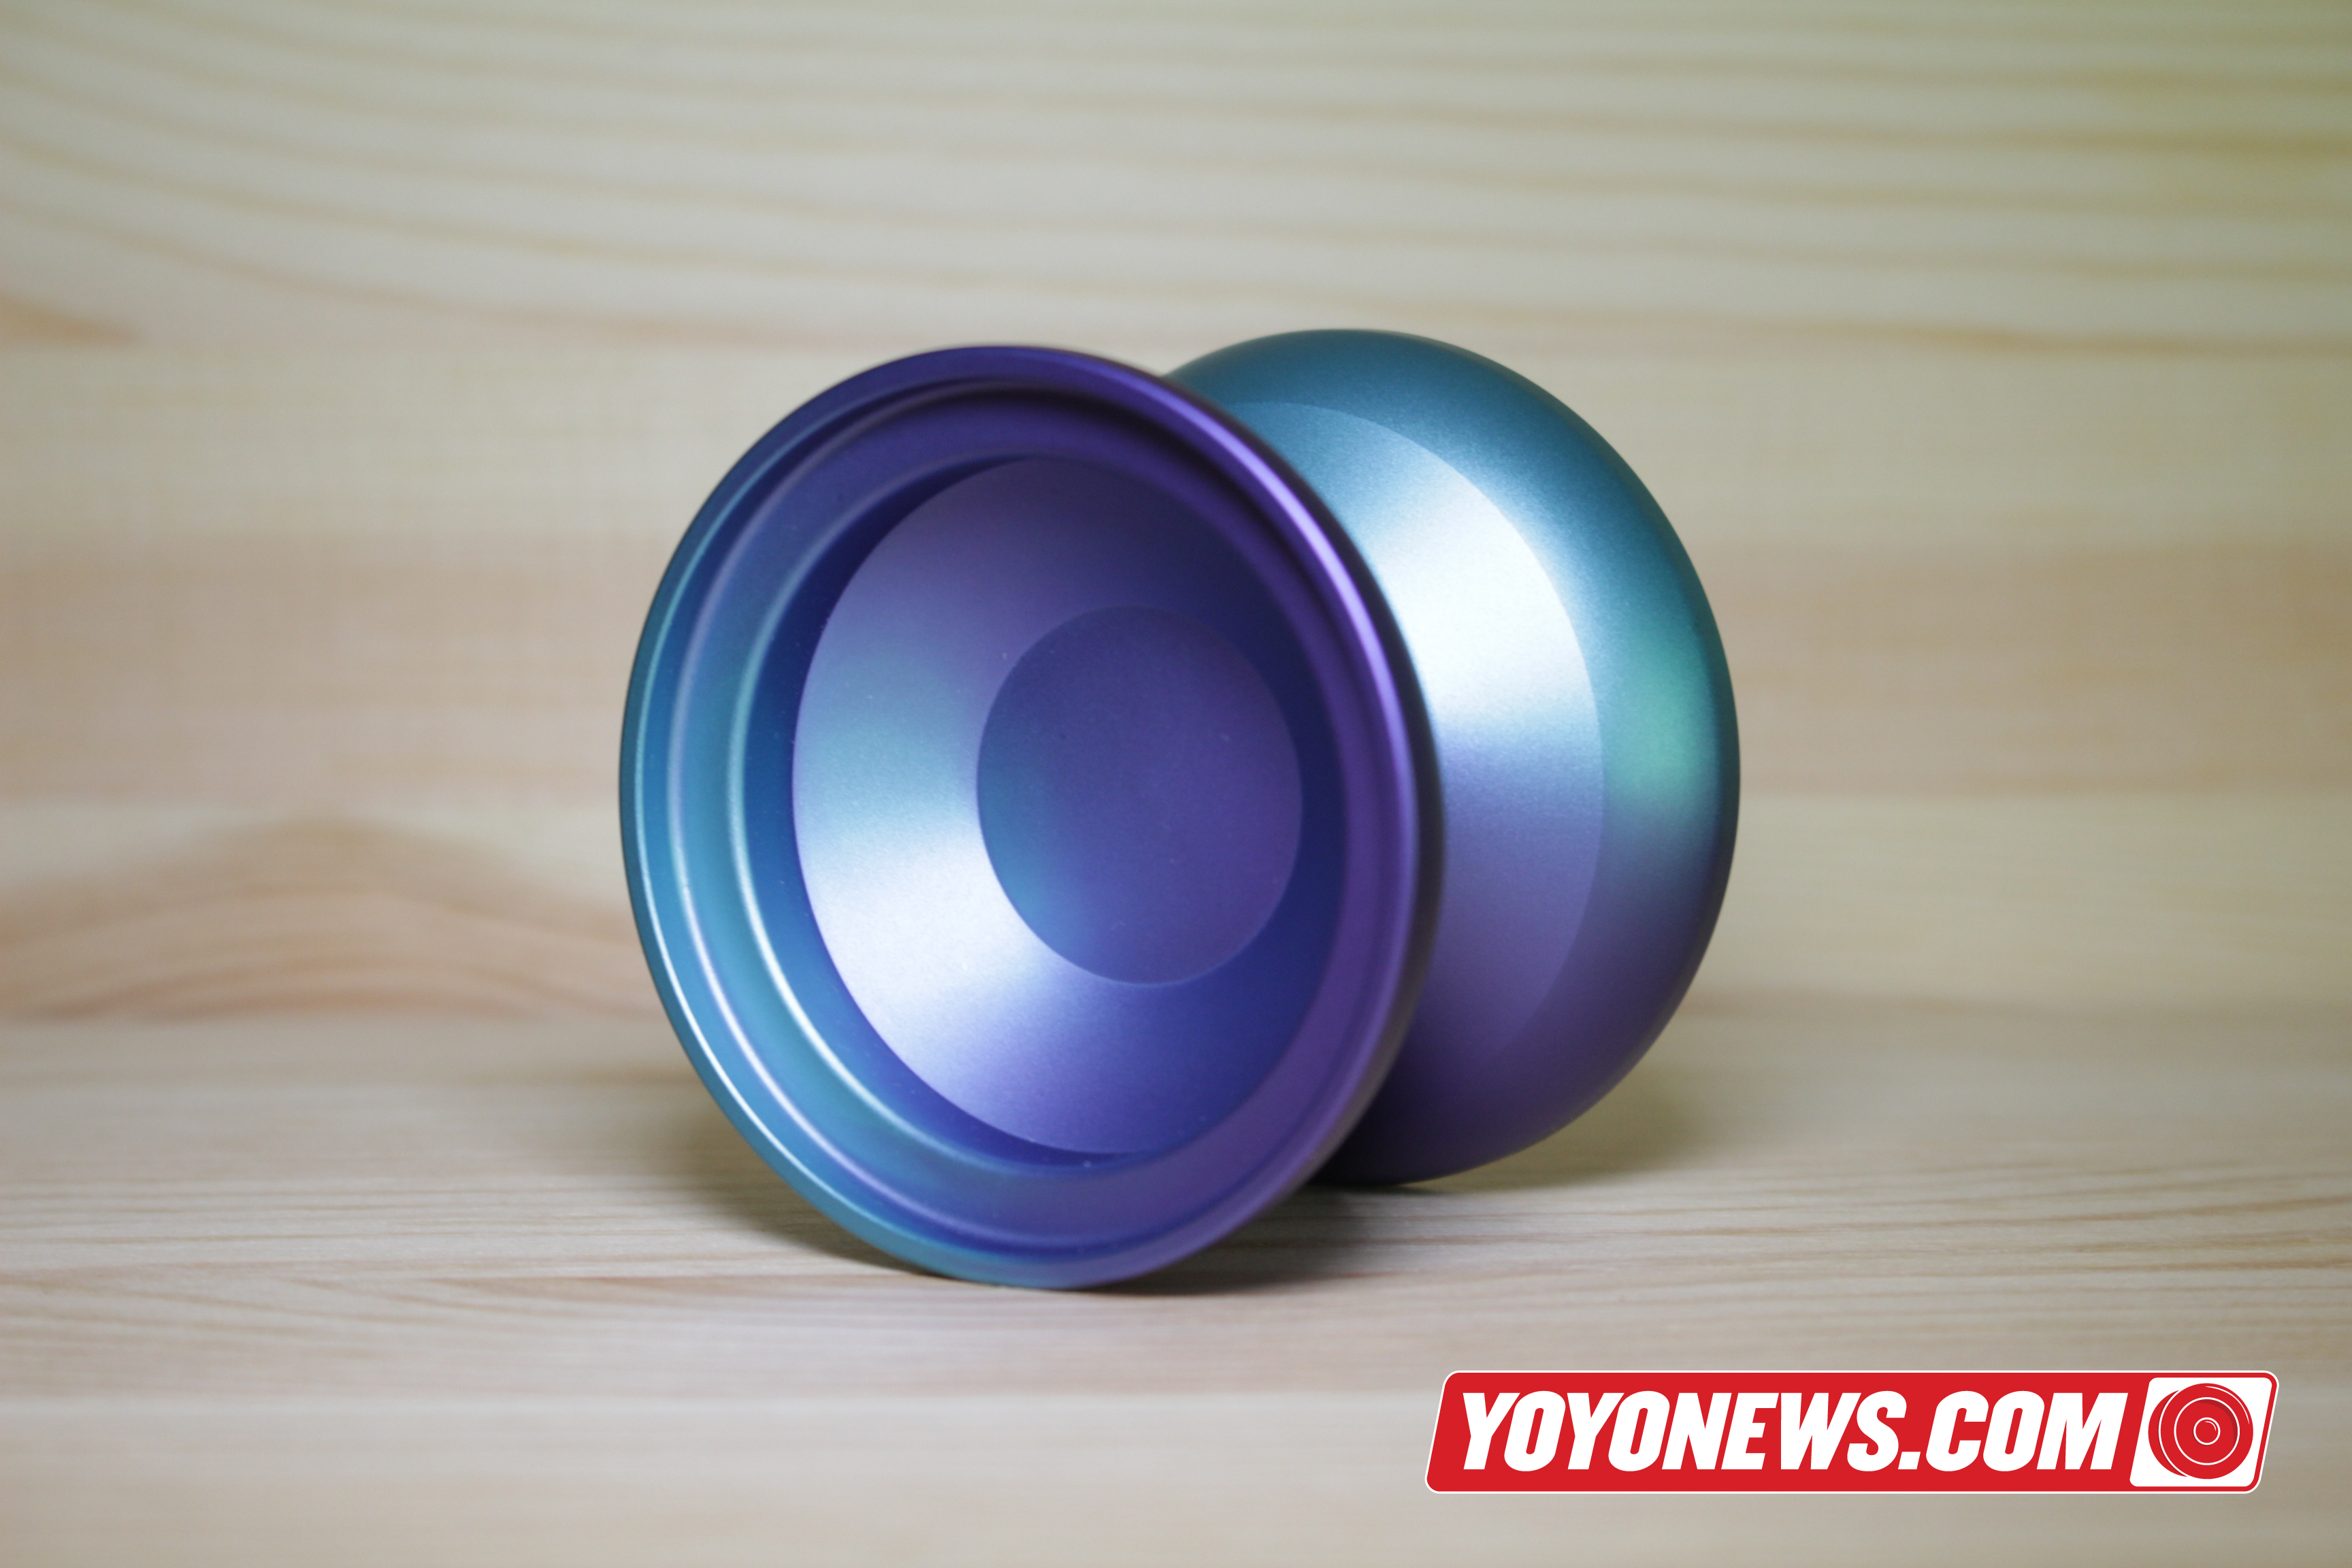 YoYoFriends Pioneer yoyo